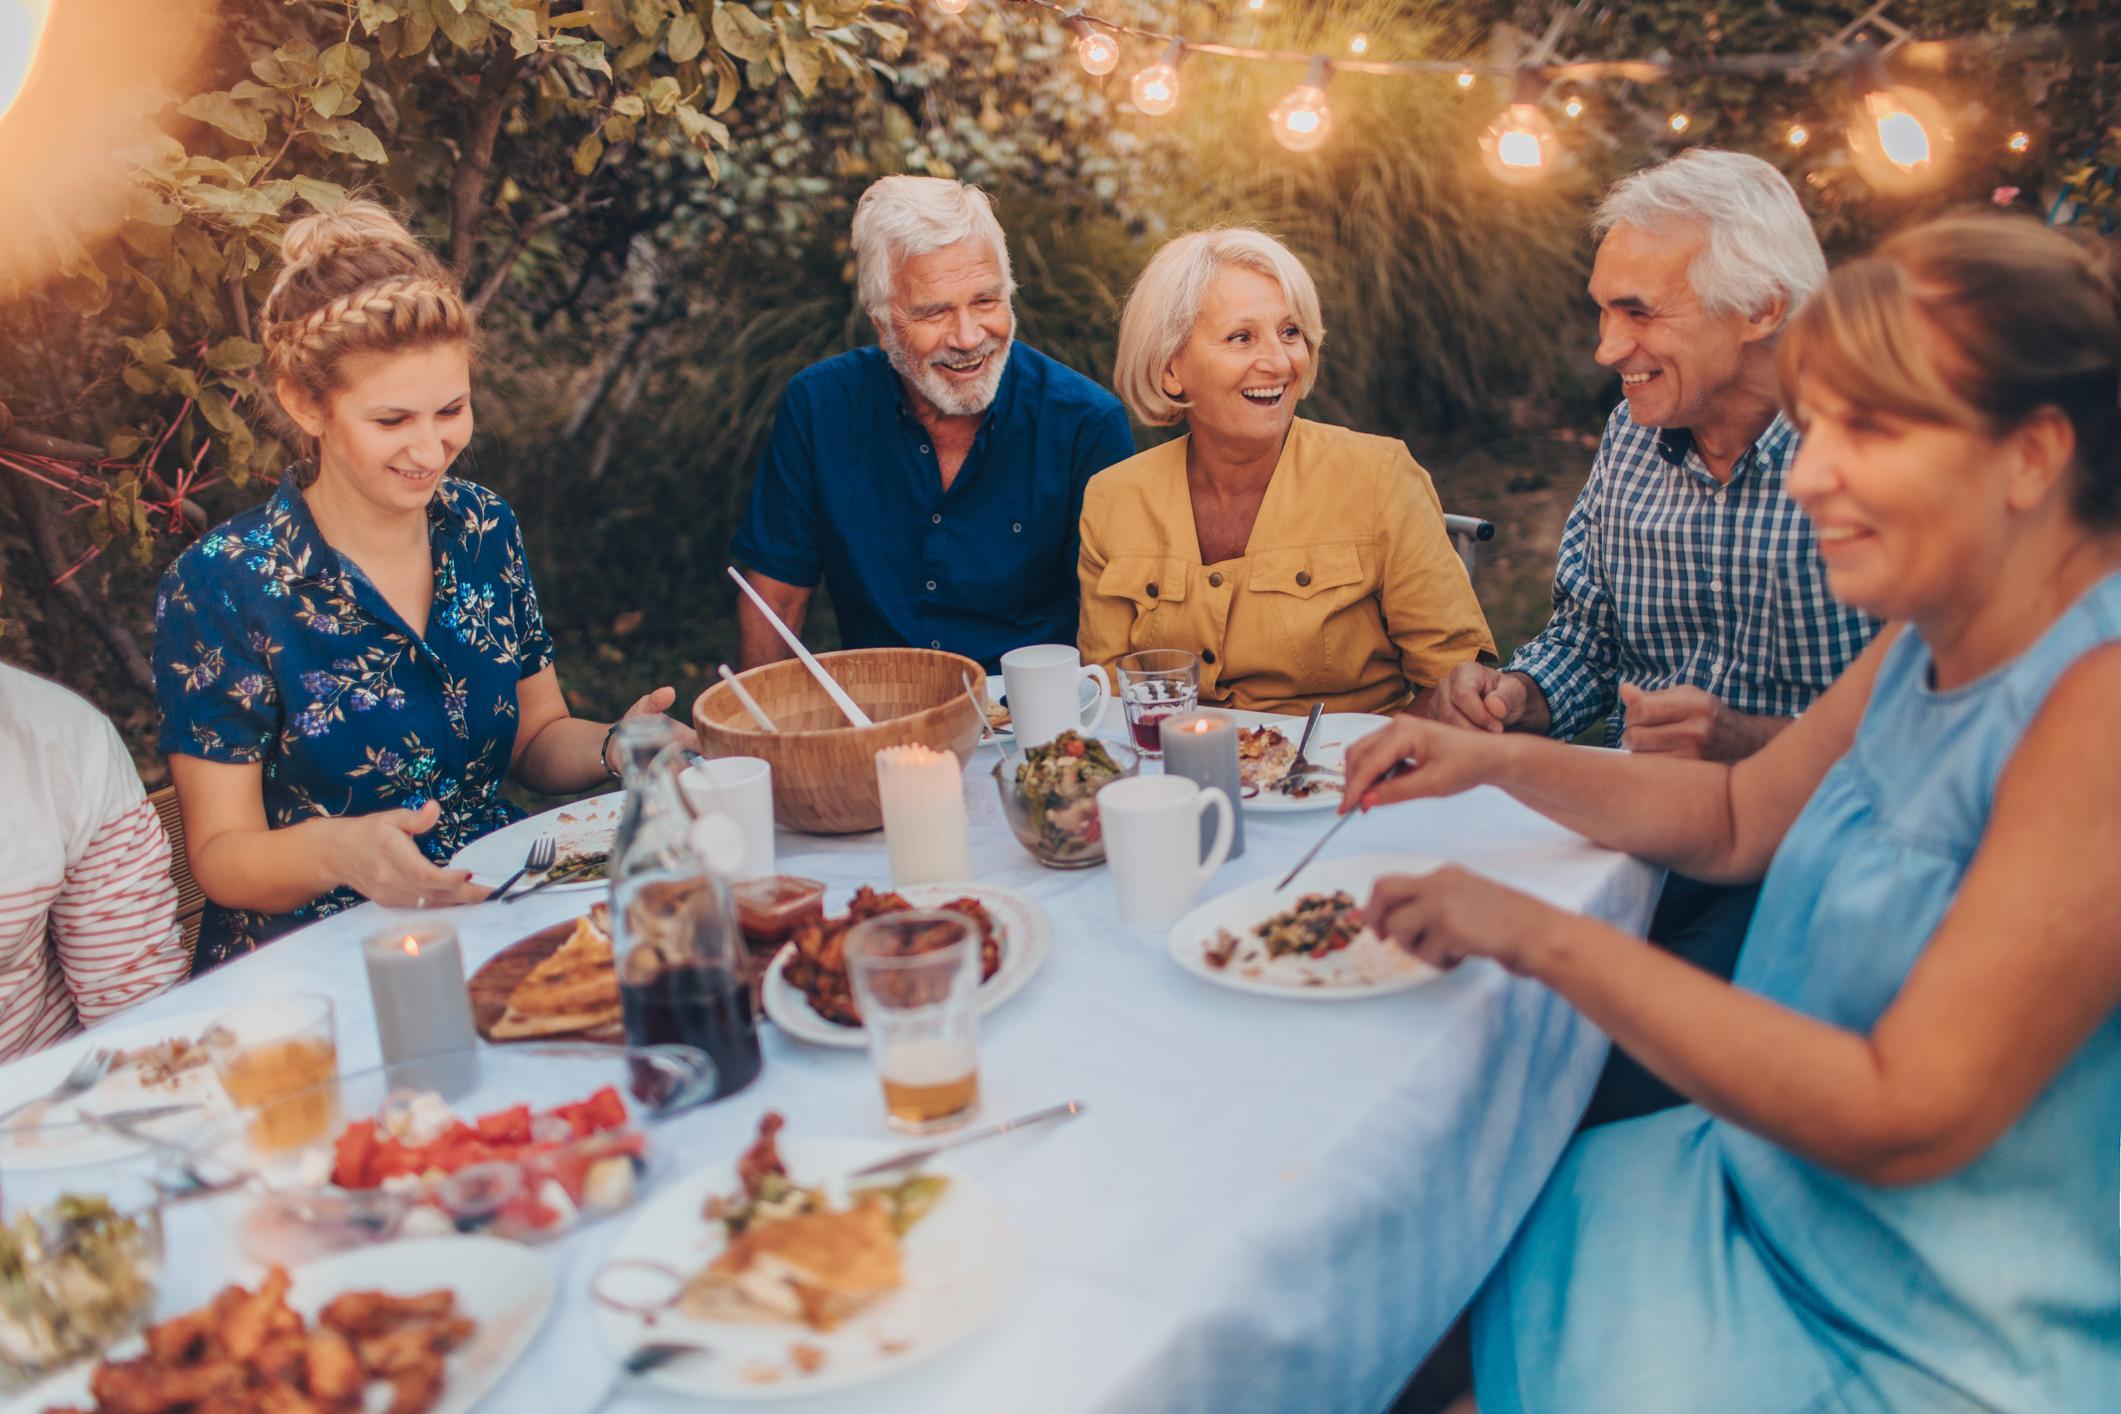 Les Menus Services : le plaisir du repas sur mesure